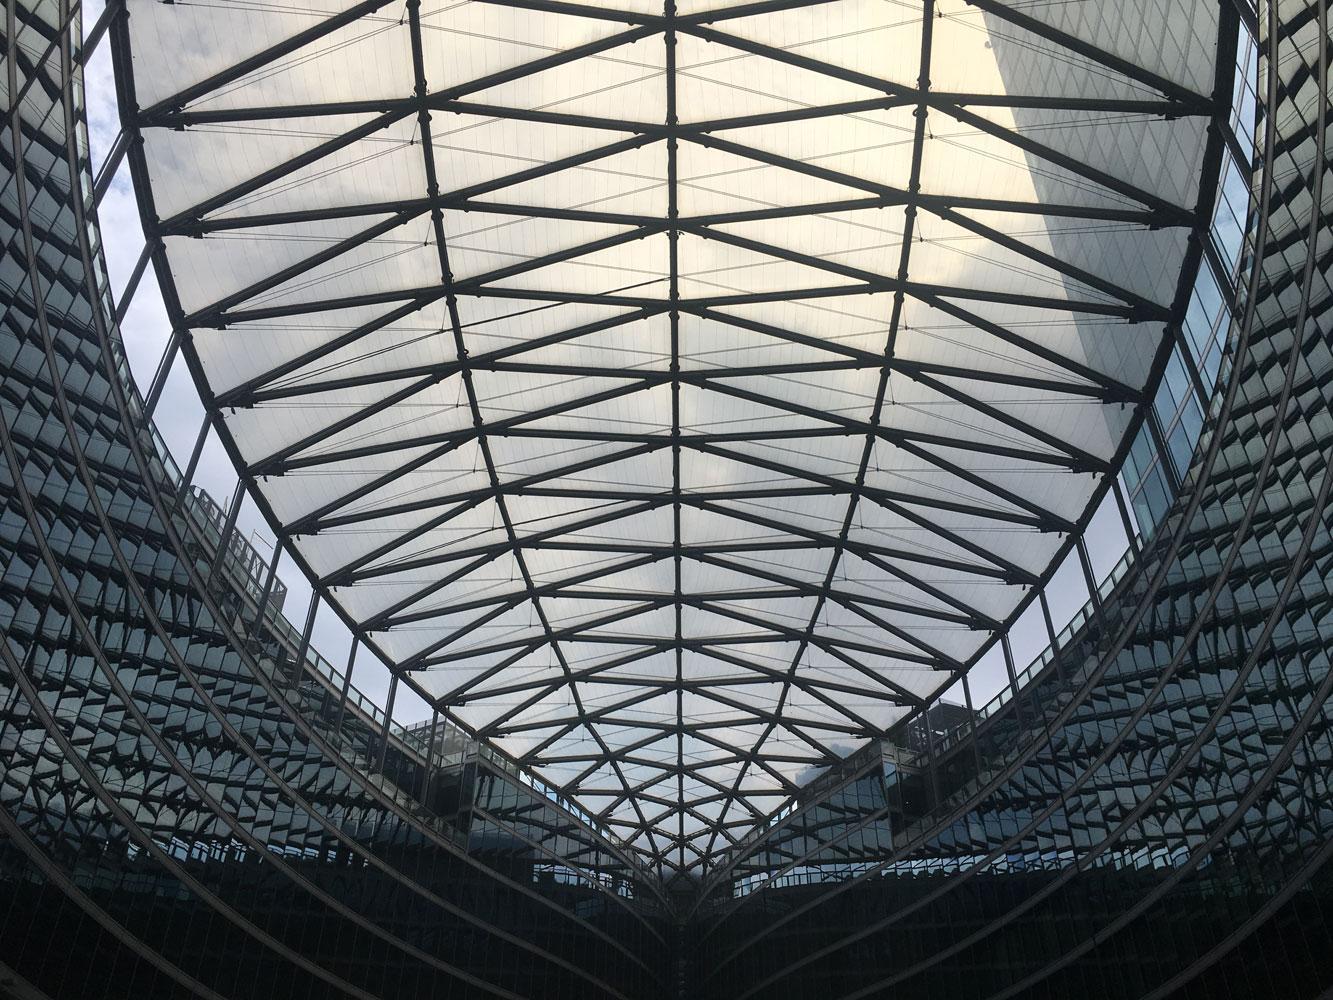 Milano-architecture3.jpg